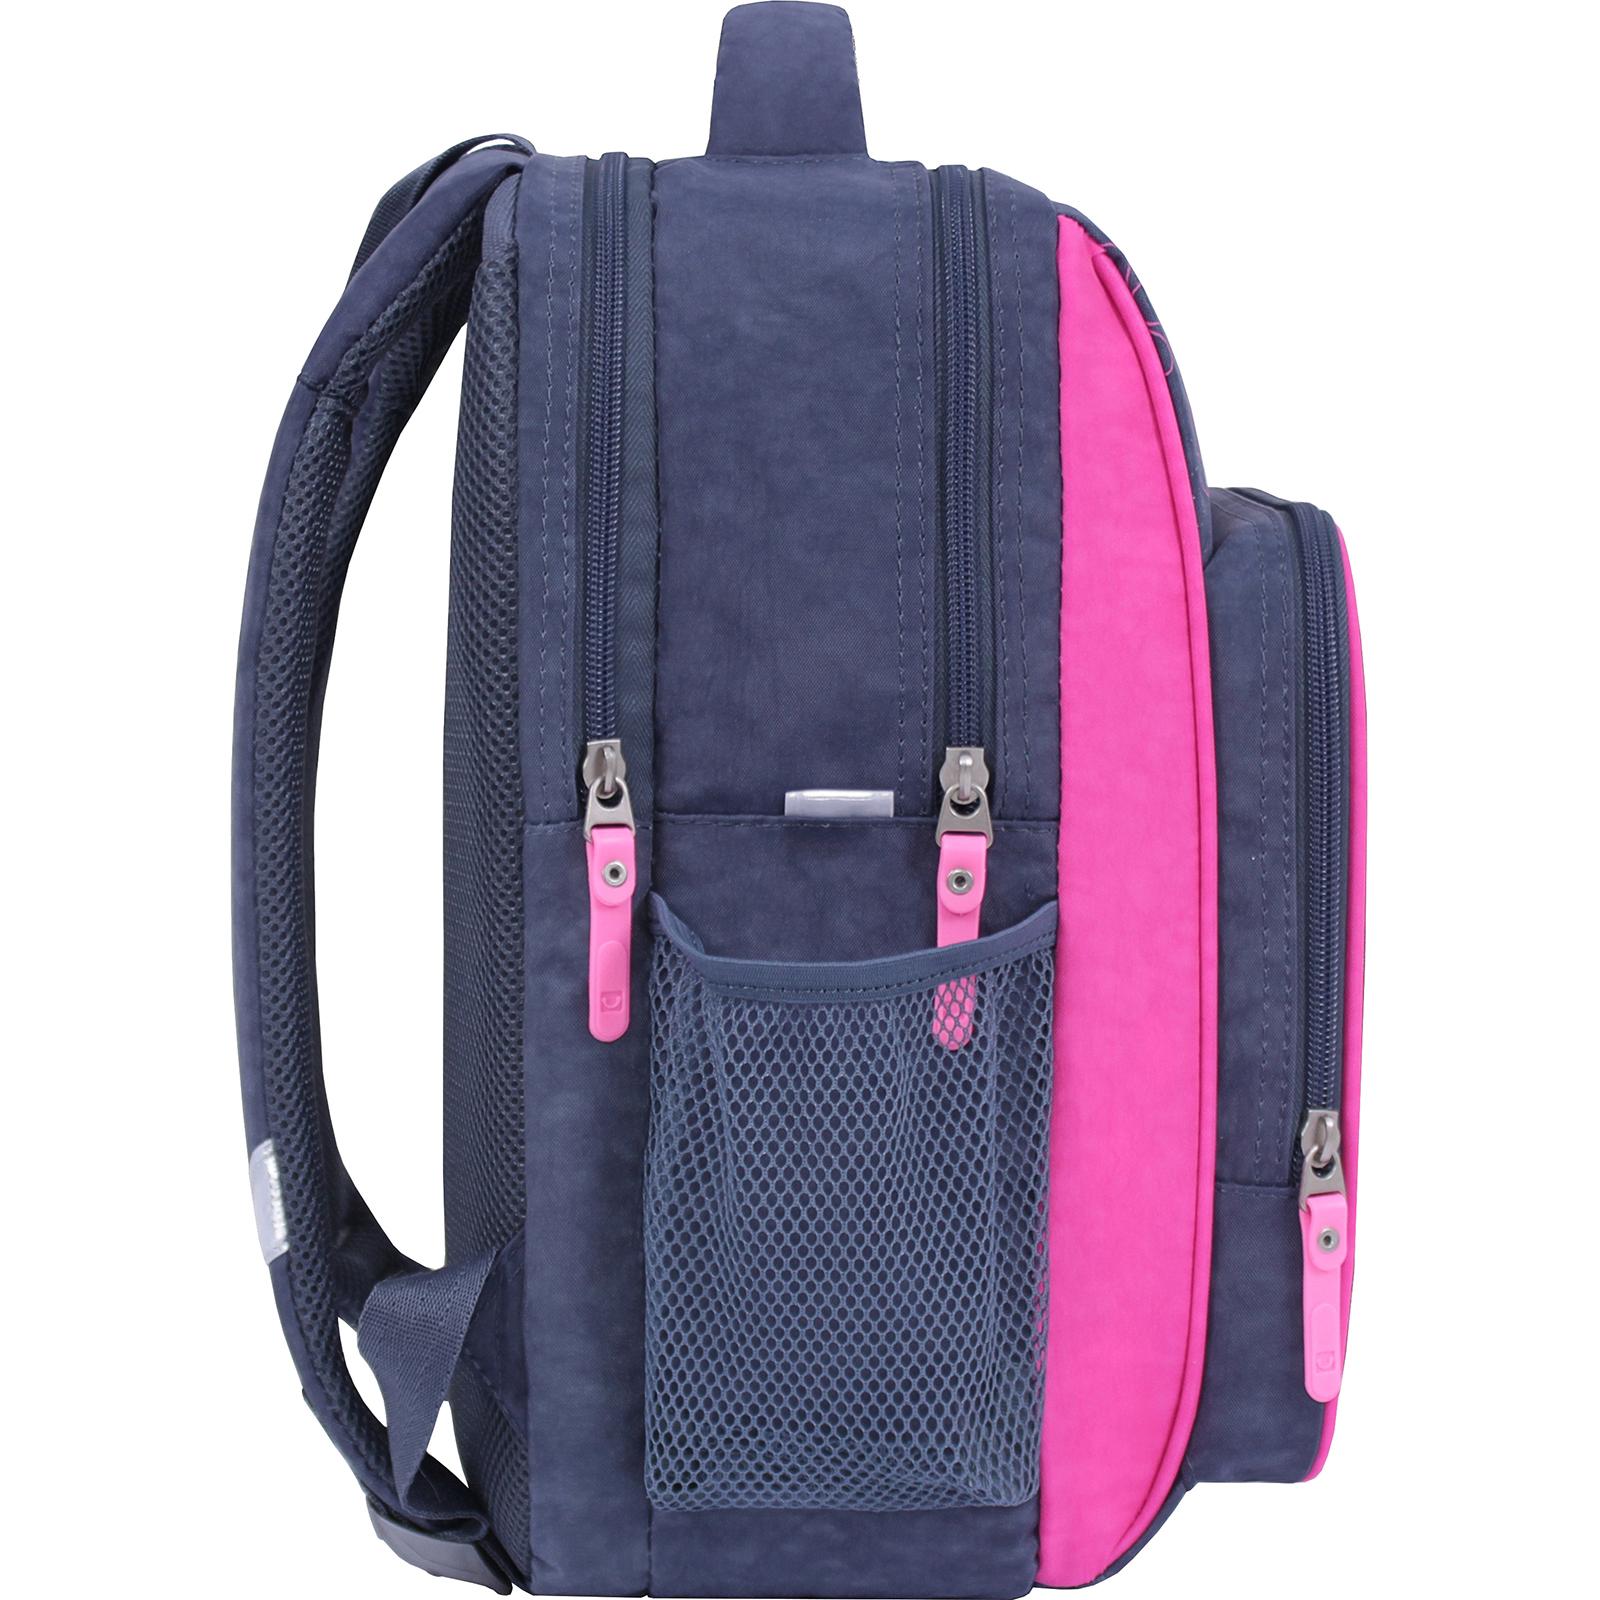 Рюкзак школьный Bagland Школьник 8 л. 321 серый 499 (0012870) фото 2